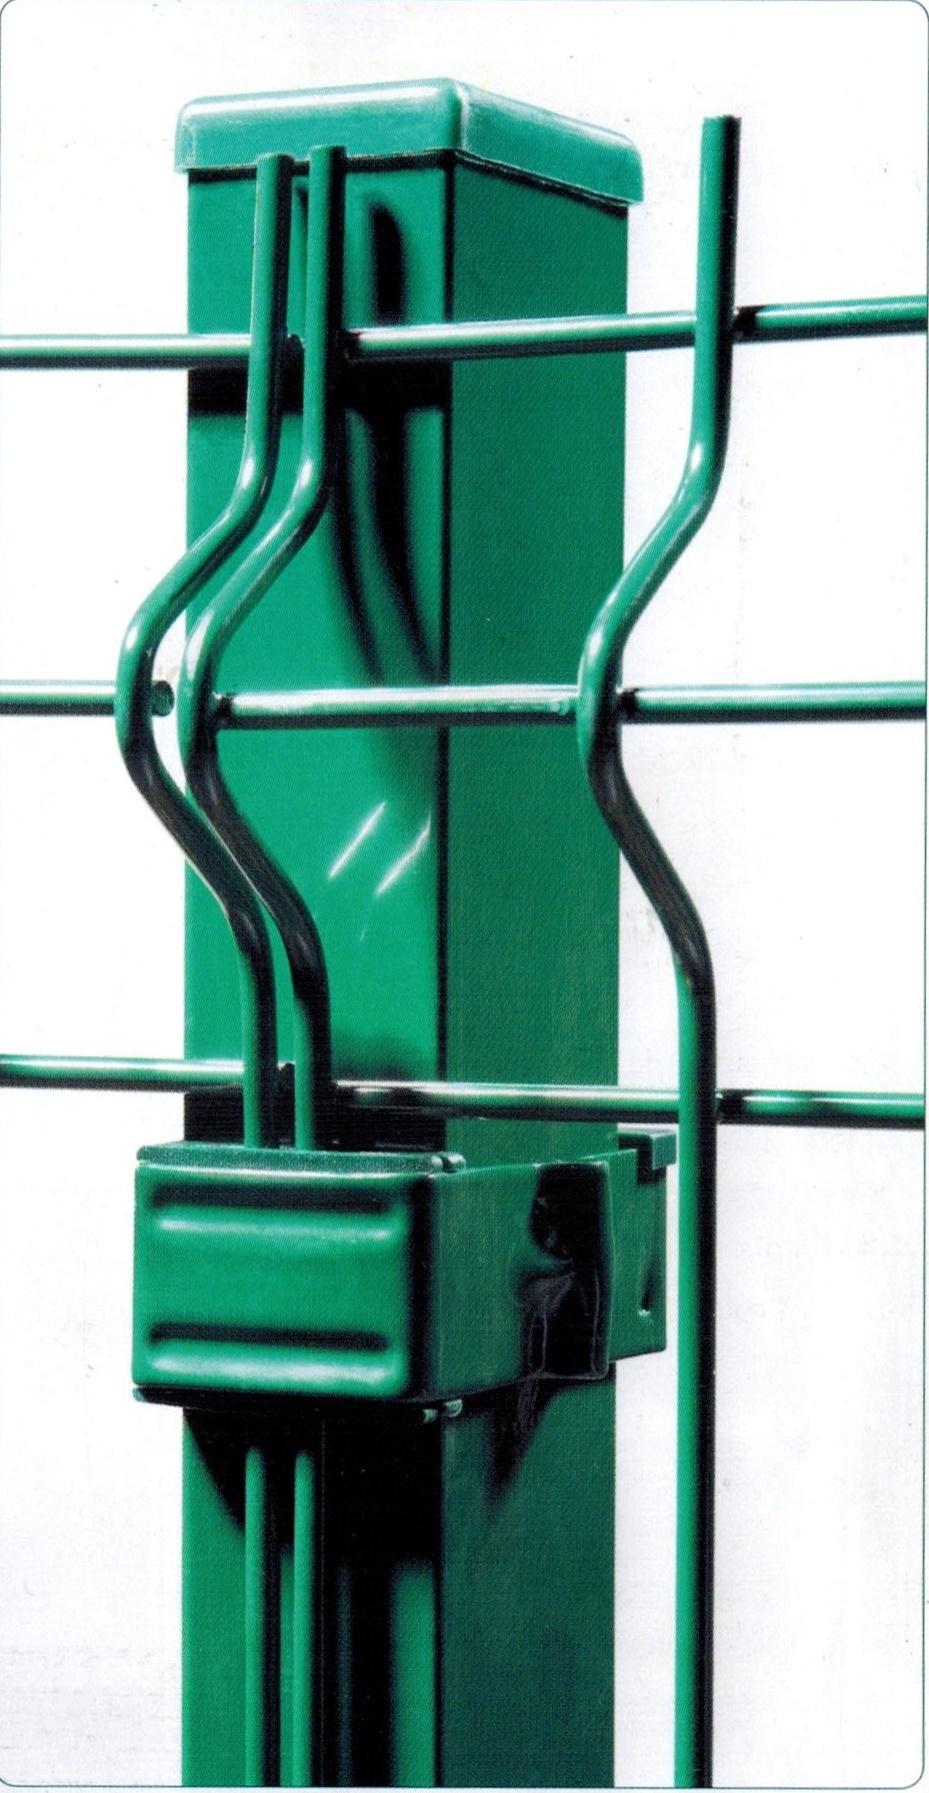 Poteau Pour Grillage Rigide : Panneau grillage rigide accessoires